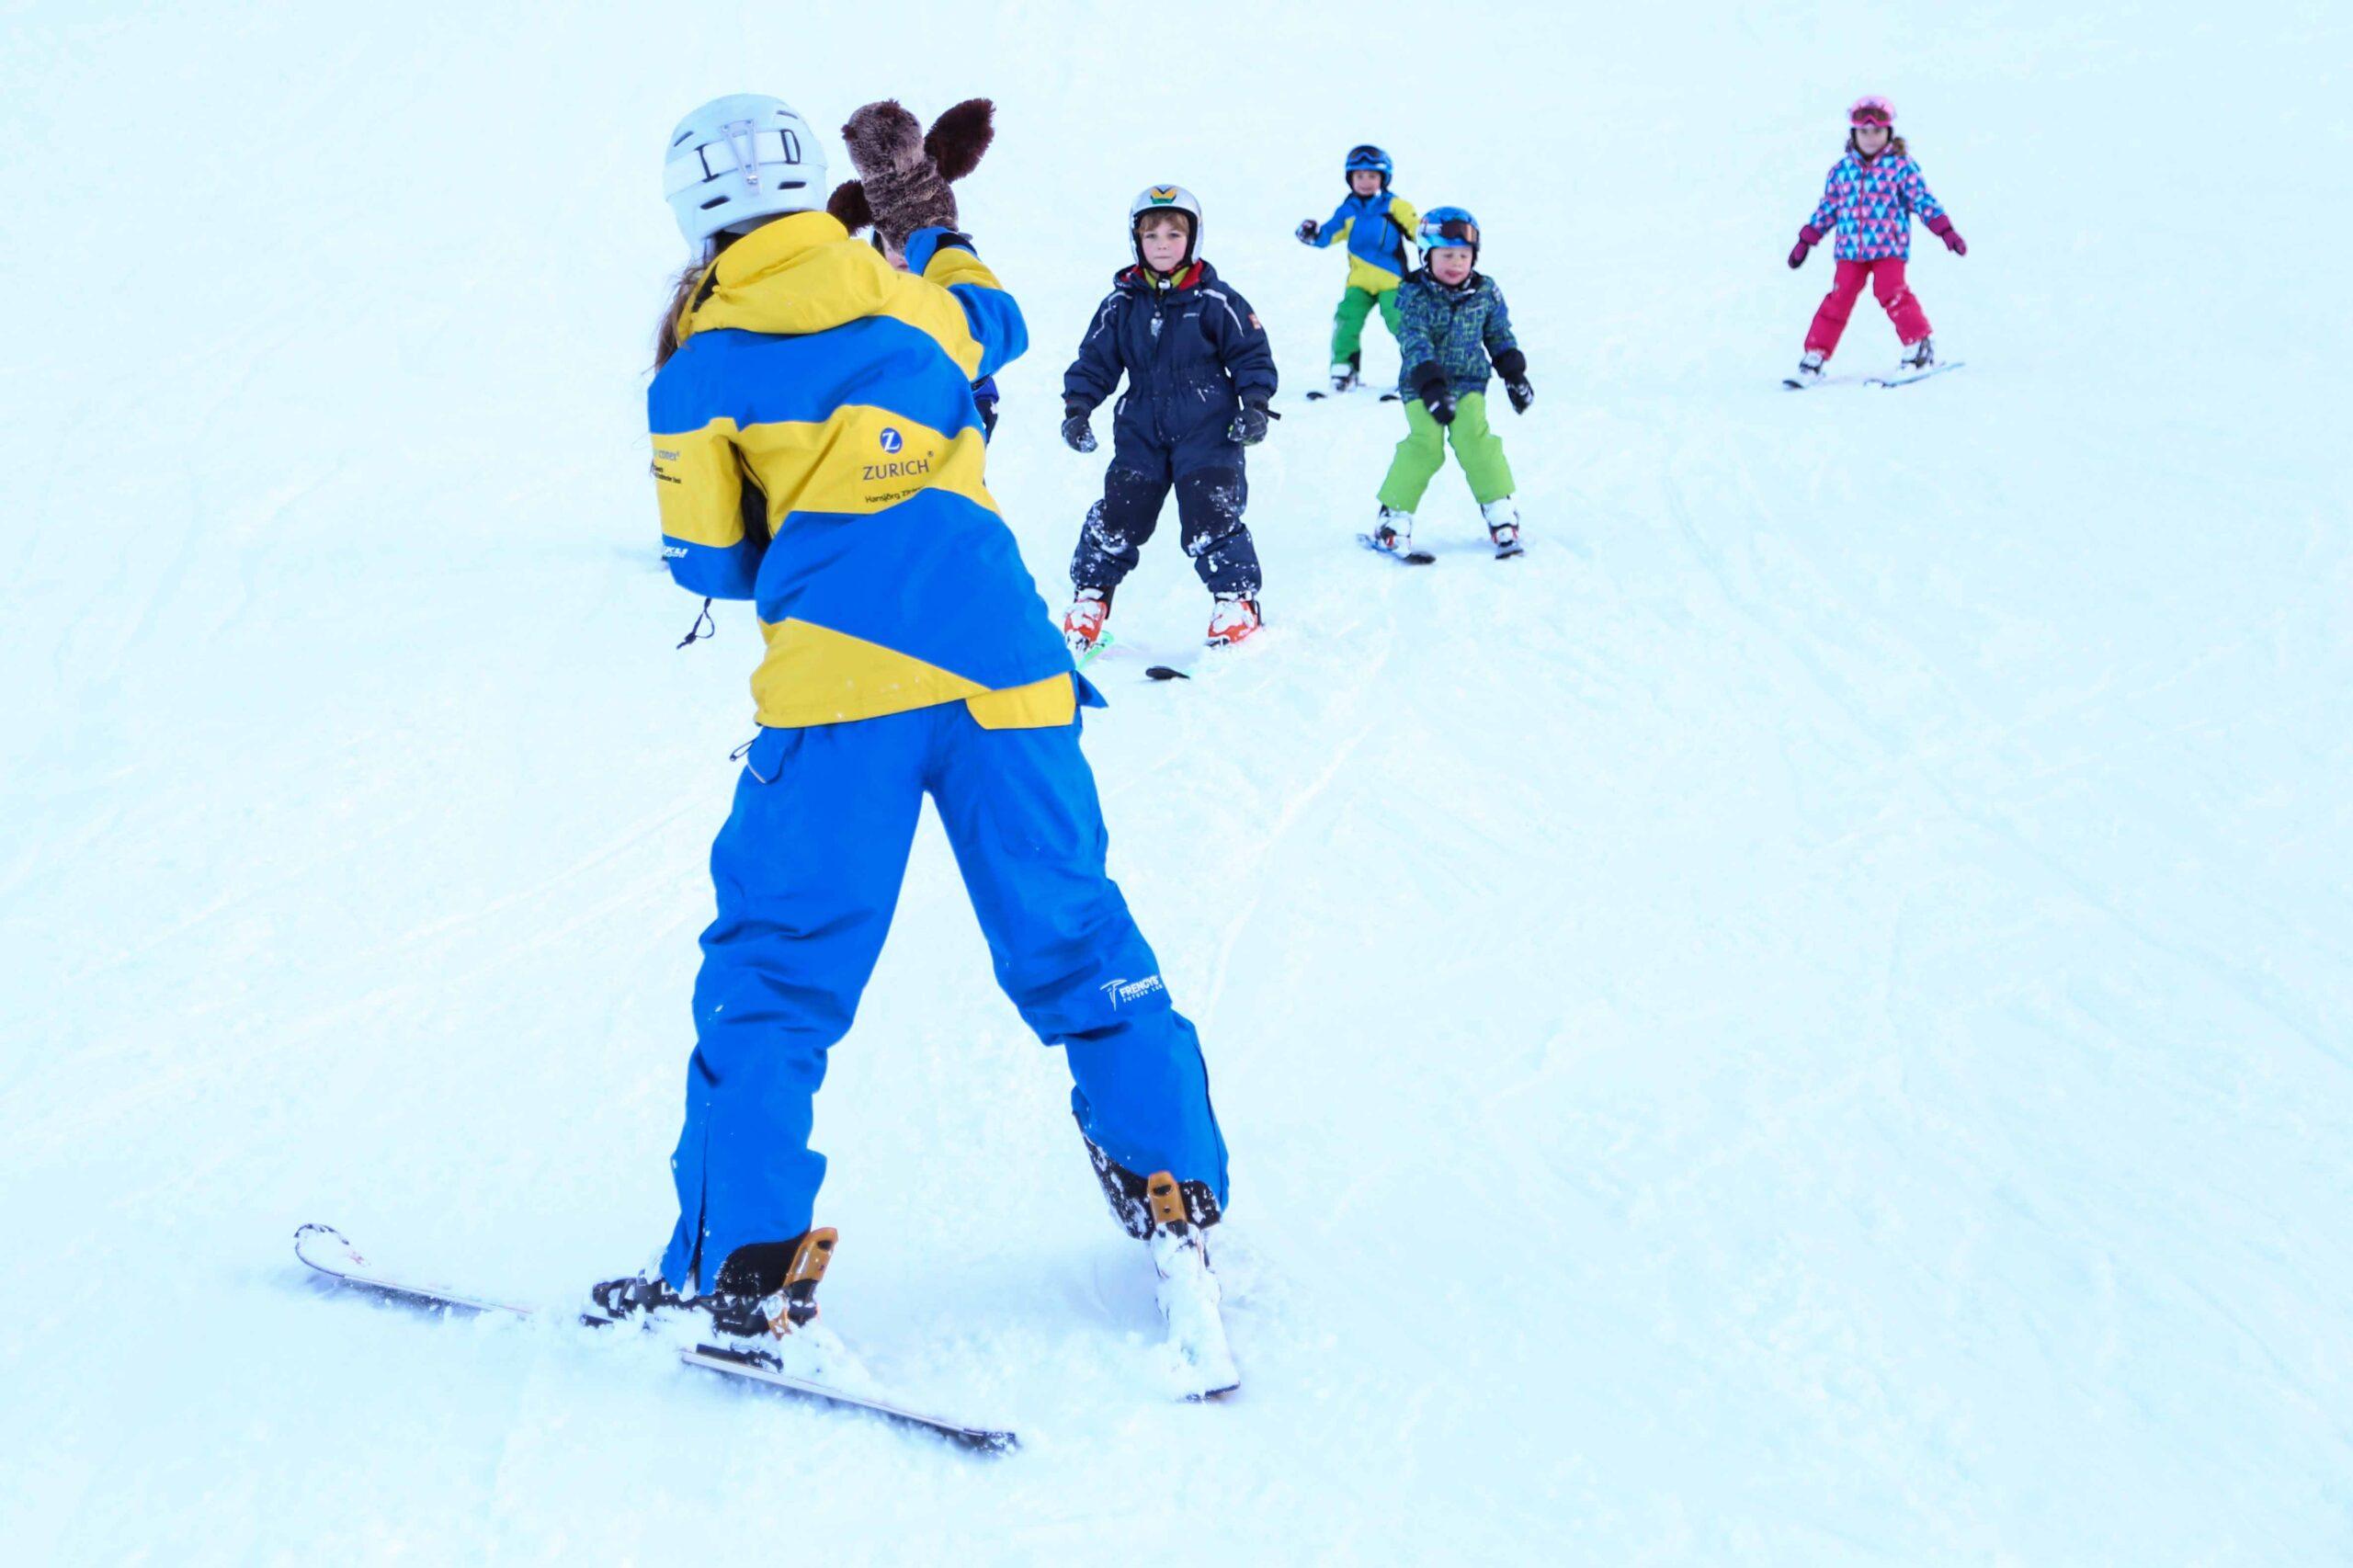 Skischule Marbachegg - Skilehrer mit Kidnern